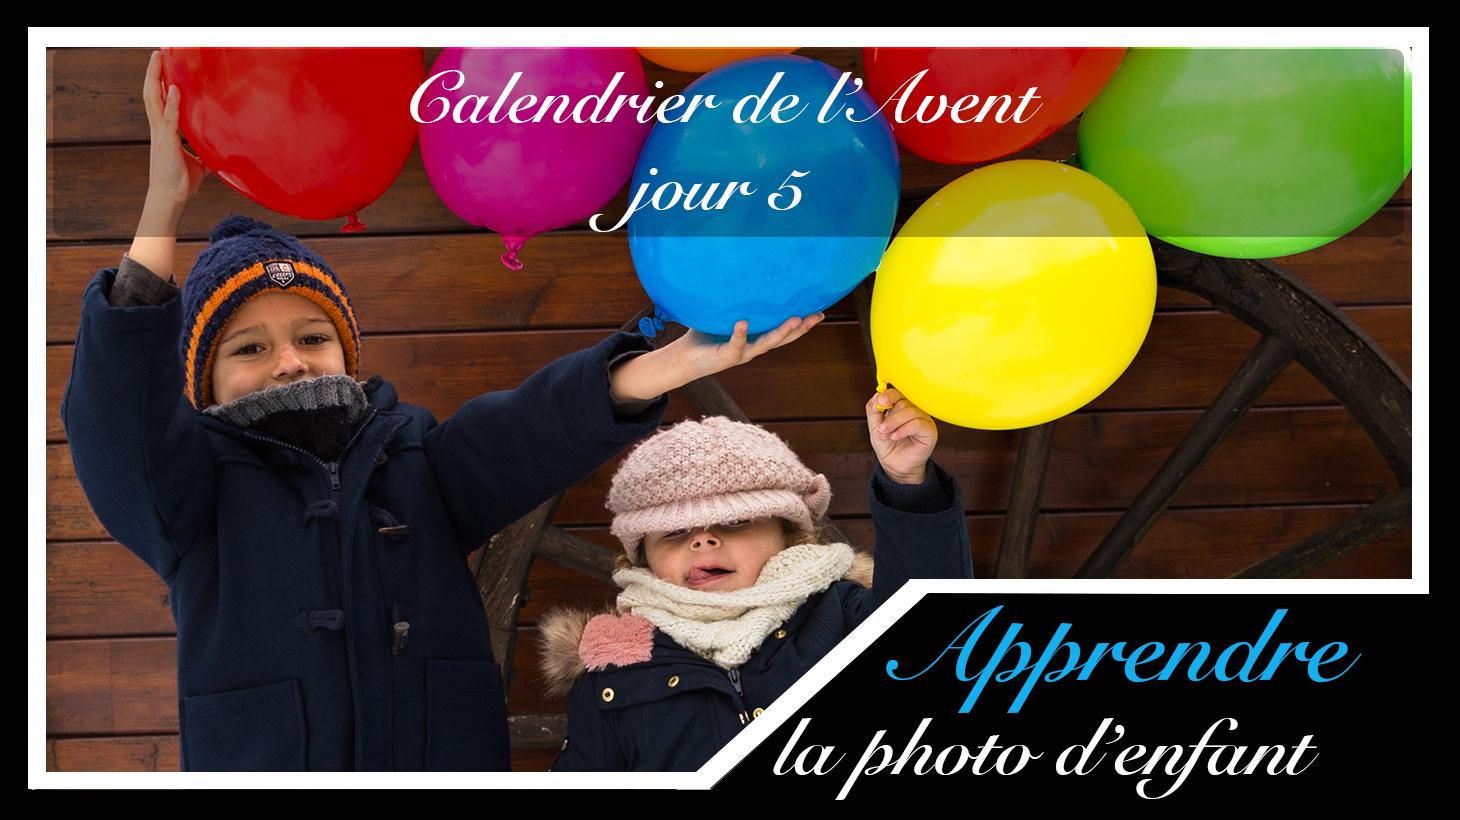 Jour 5 – Calendrier de l'Avent spécial Photo d'enfant